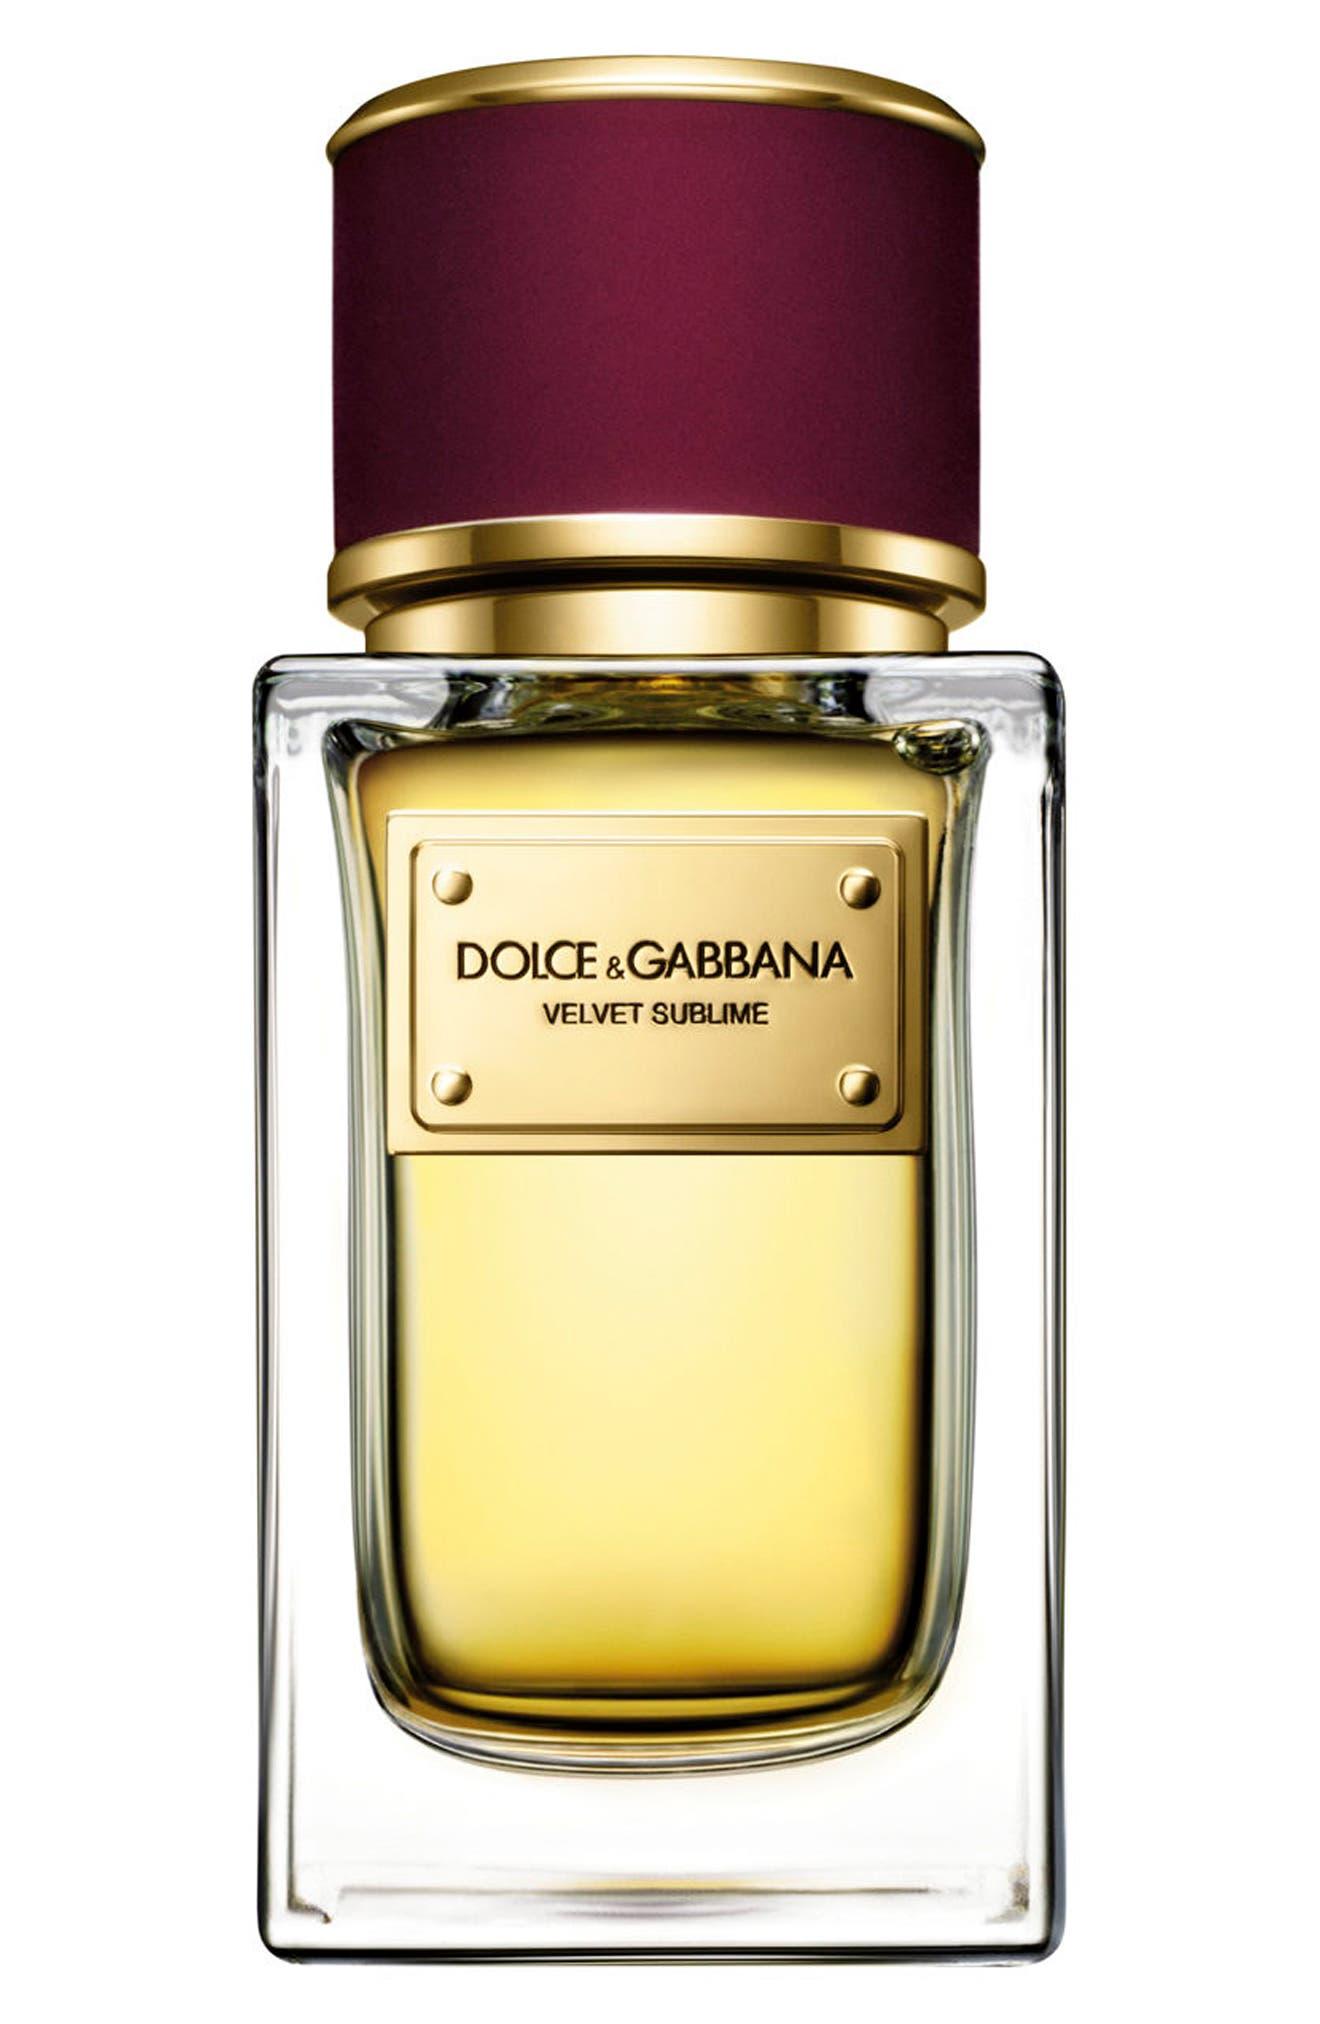 Dolce&Gabbana Beauty 'Velvet Sublime' Eau de Parfum